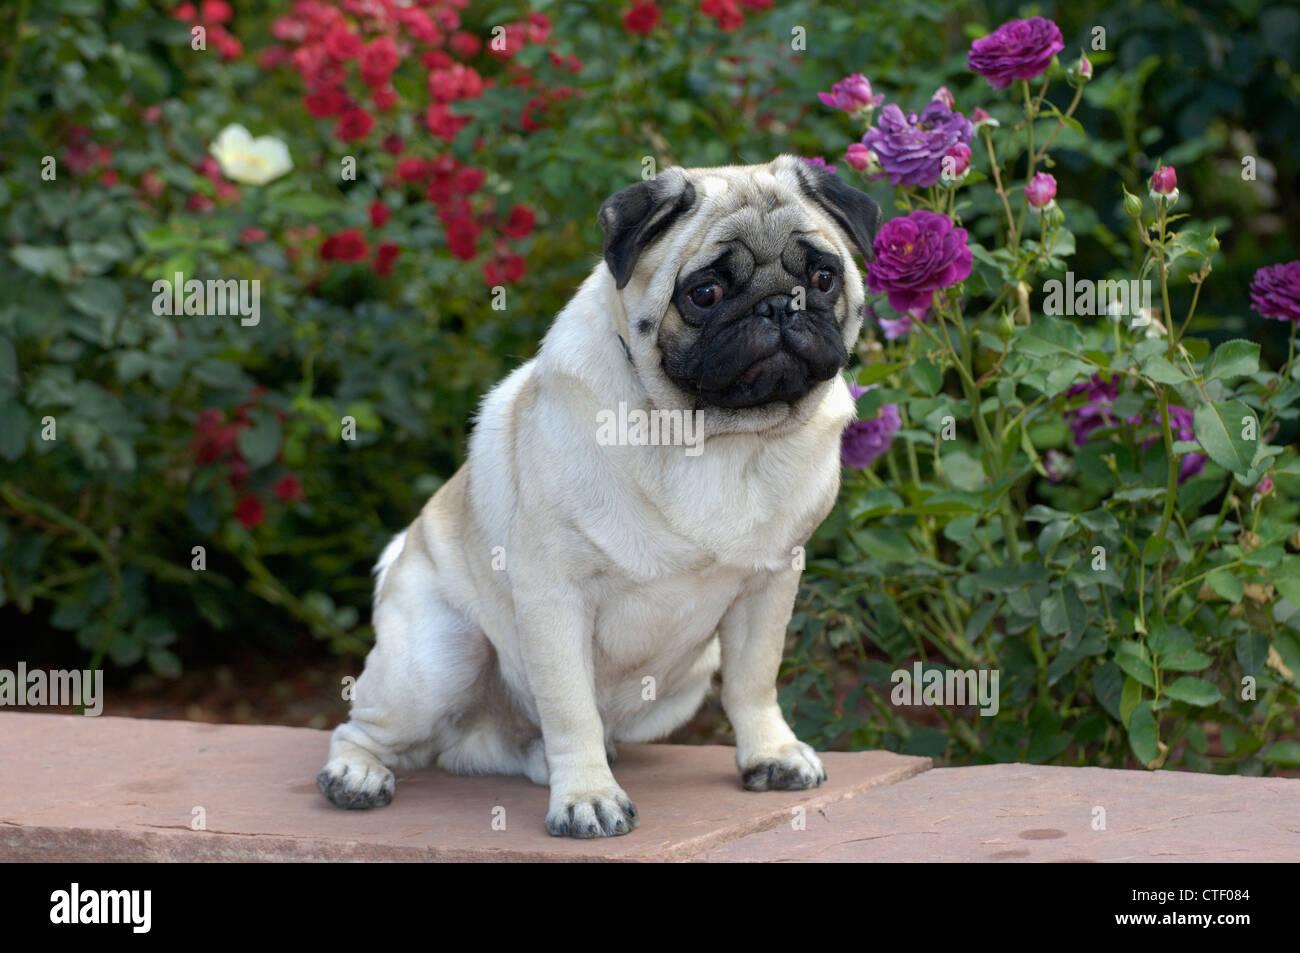 Pug sitting - Stock Image